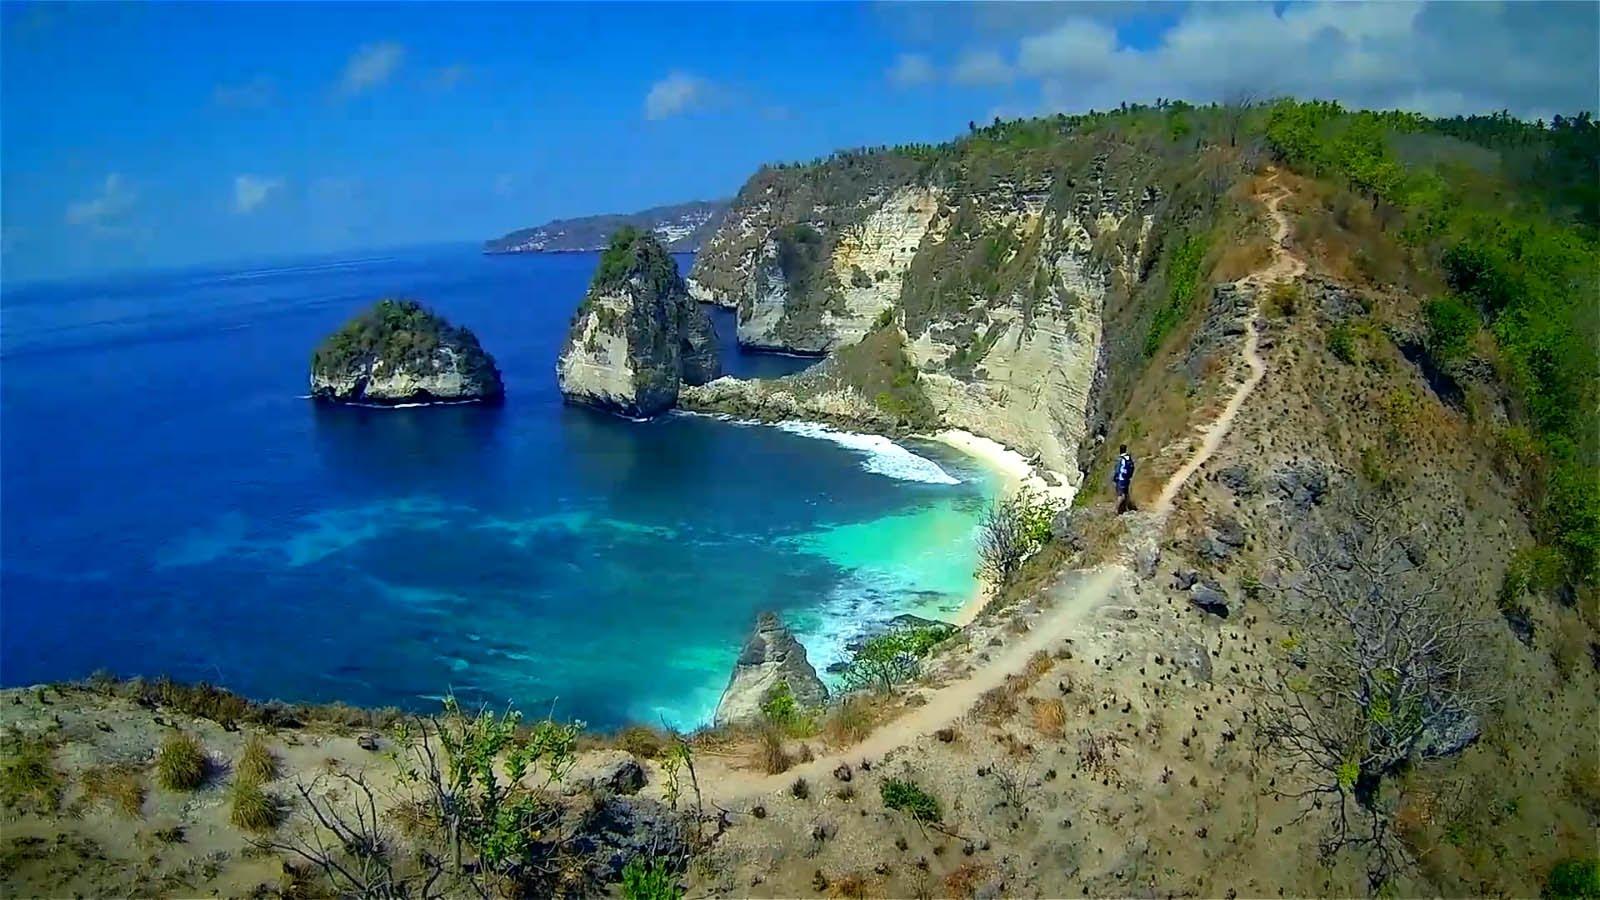 Liburan Nusa Penida Lombok » Liburan ke Nusa Penida Lanjut ke Lombok, Bagaimana Caranya?